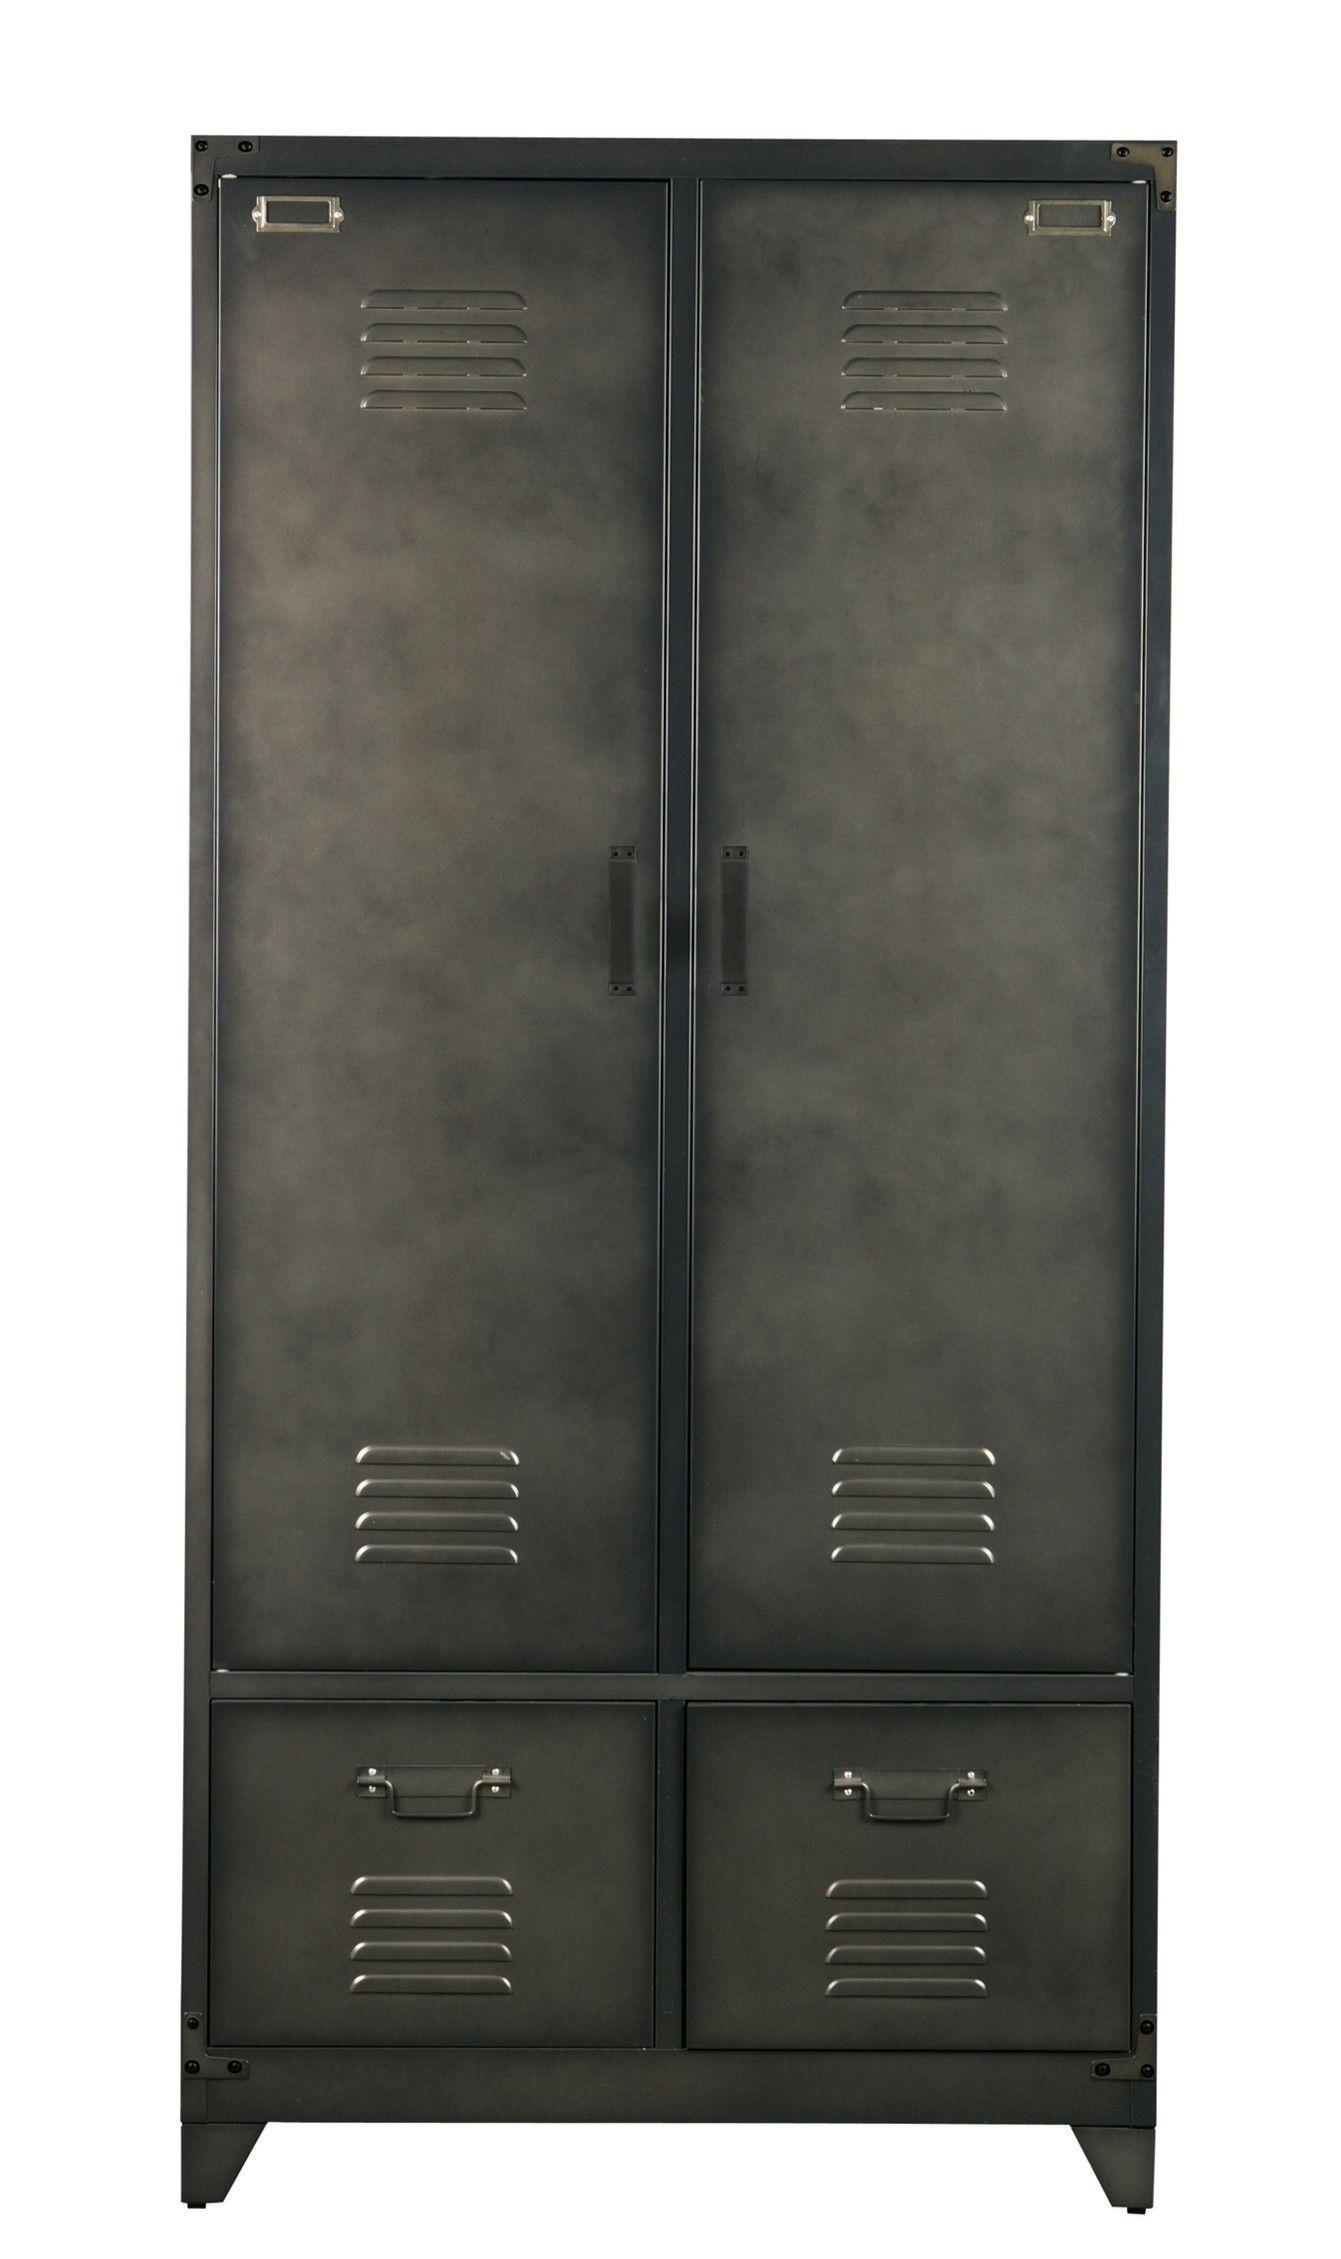 Stellingkast Diepte 50 Cm.Vtwonen Locker Kledingkast Metaal Slaapkamer Pinterest Home